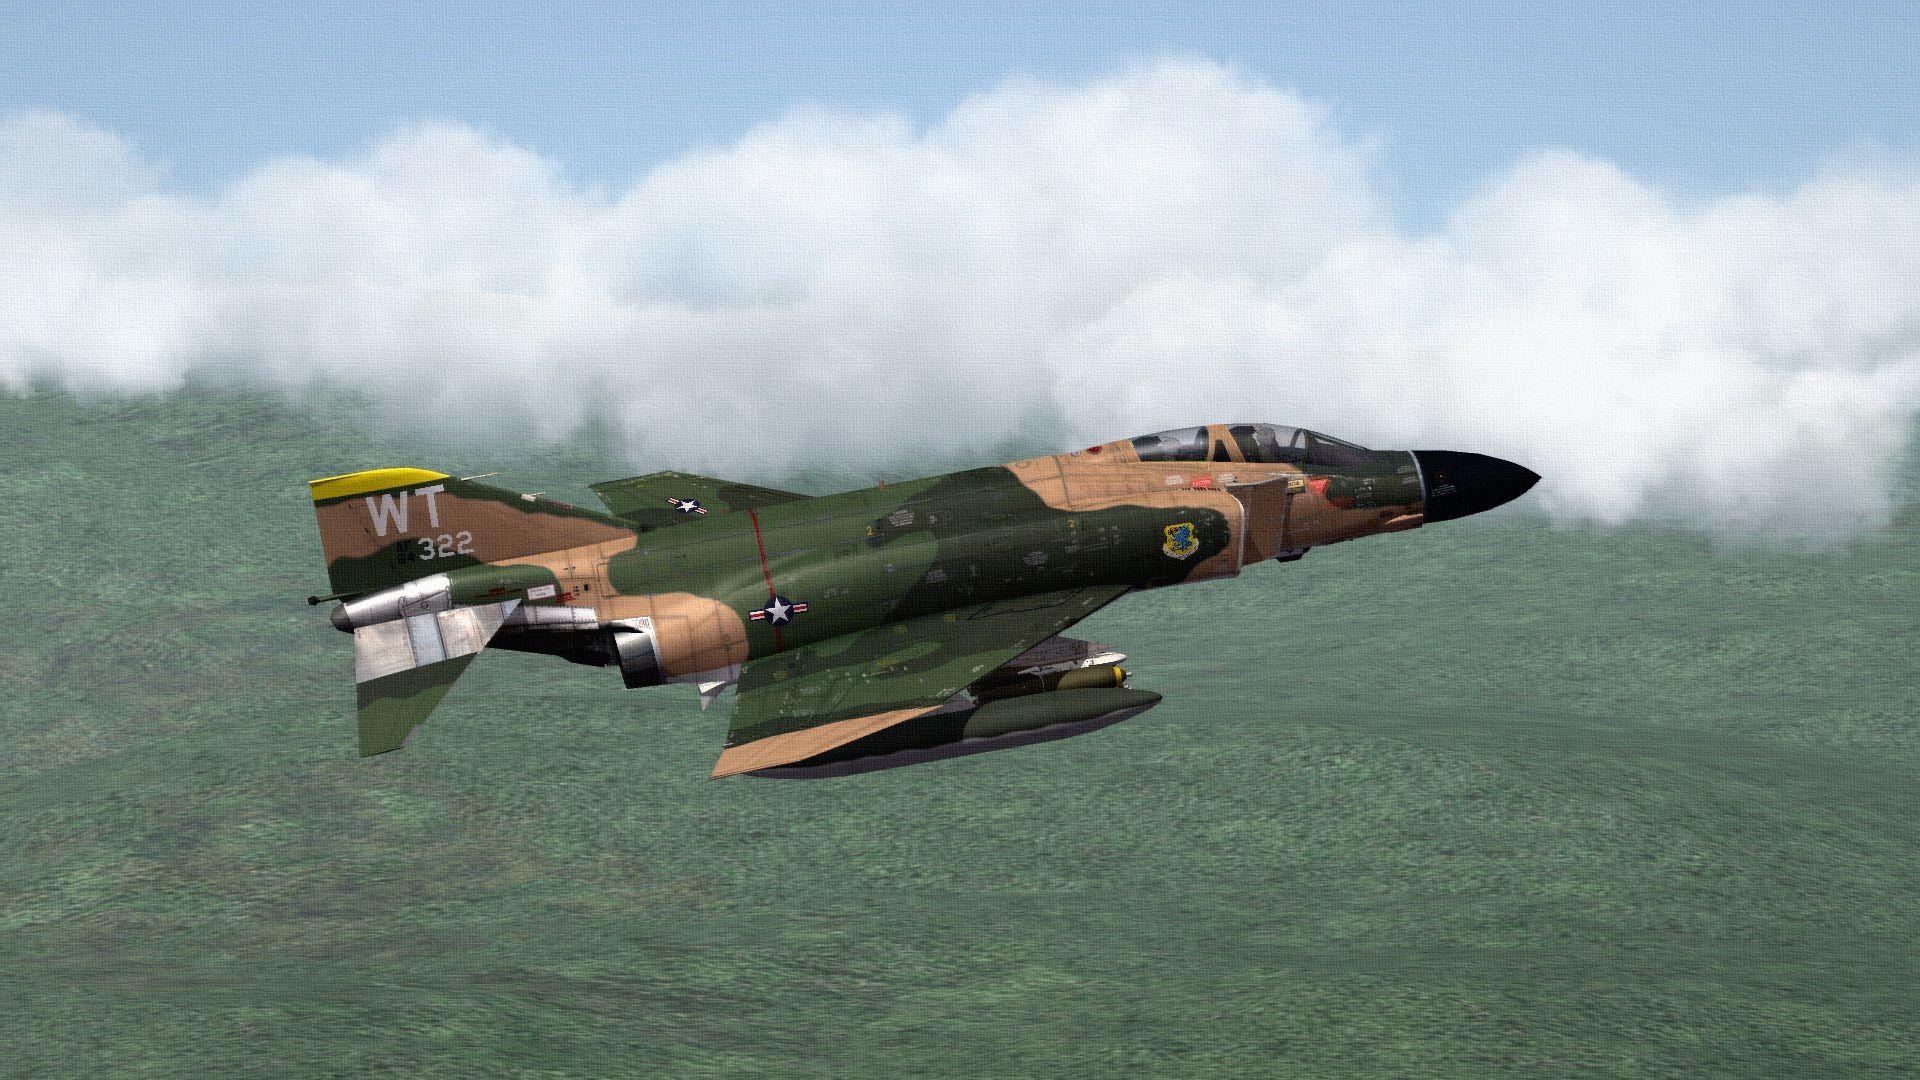 USAFF-110CPHANTOM05_zpsf669223e.jpg